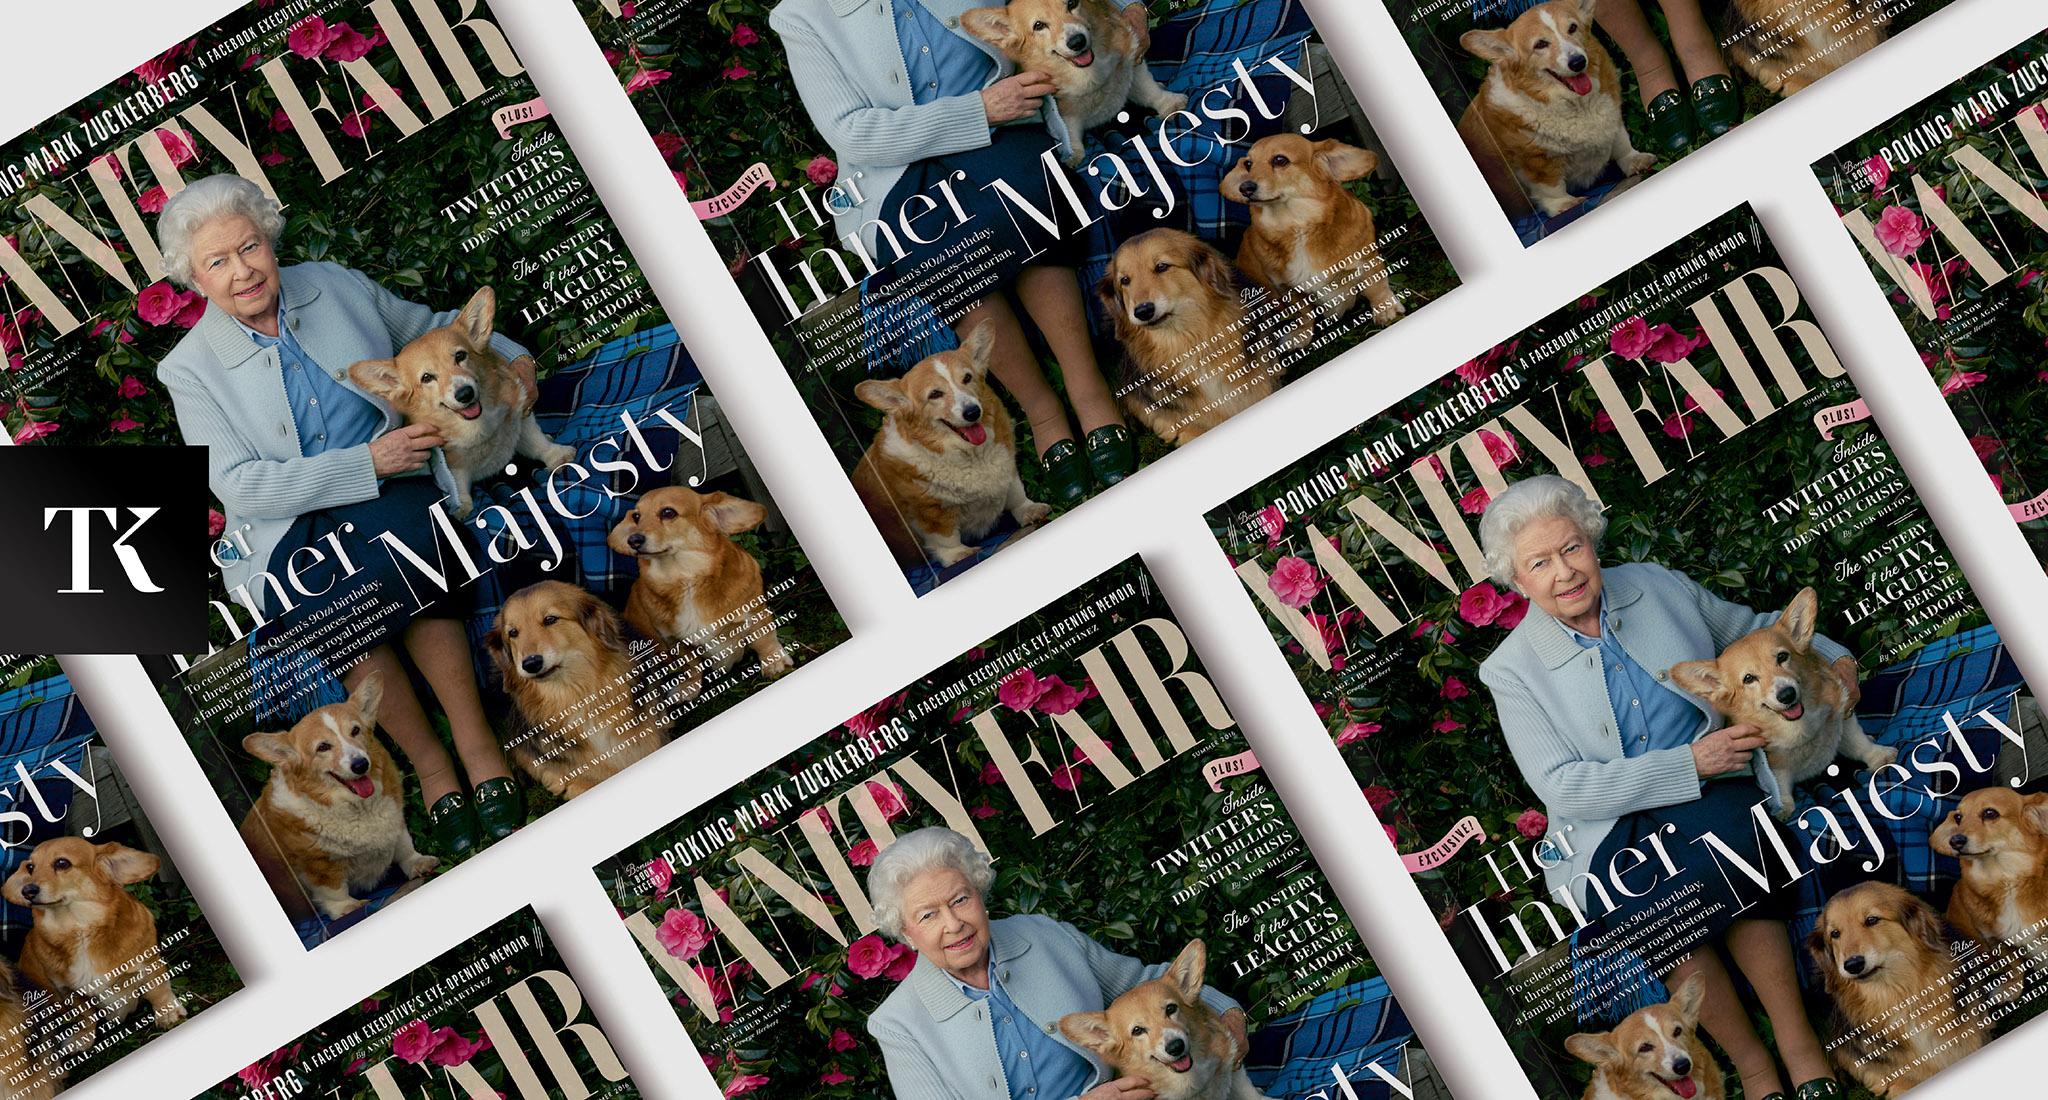 Колишній головний редактор Vanity Fair запускає медіа для багатих